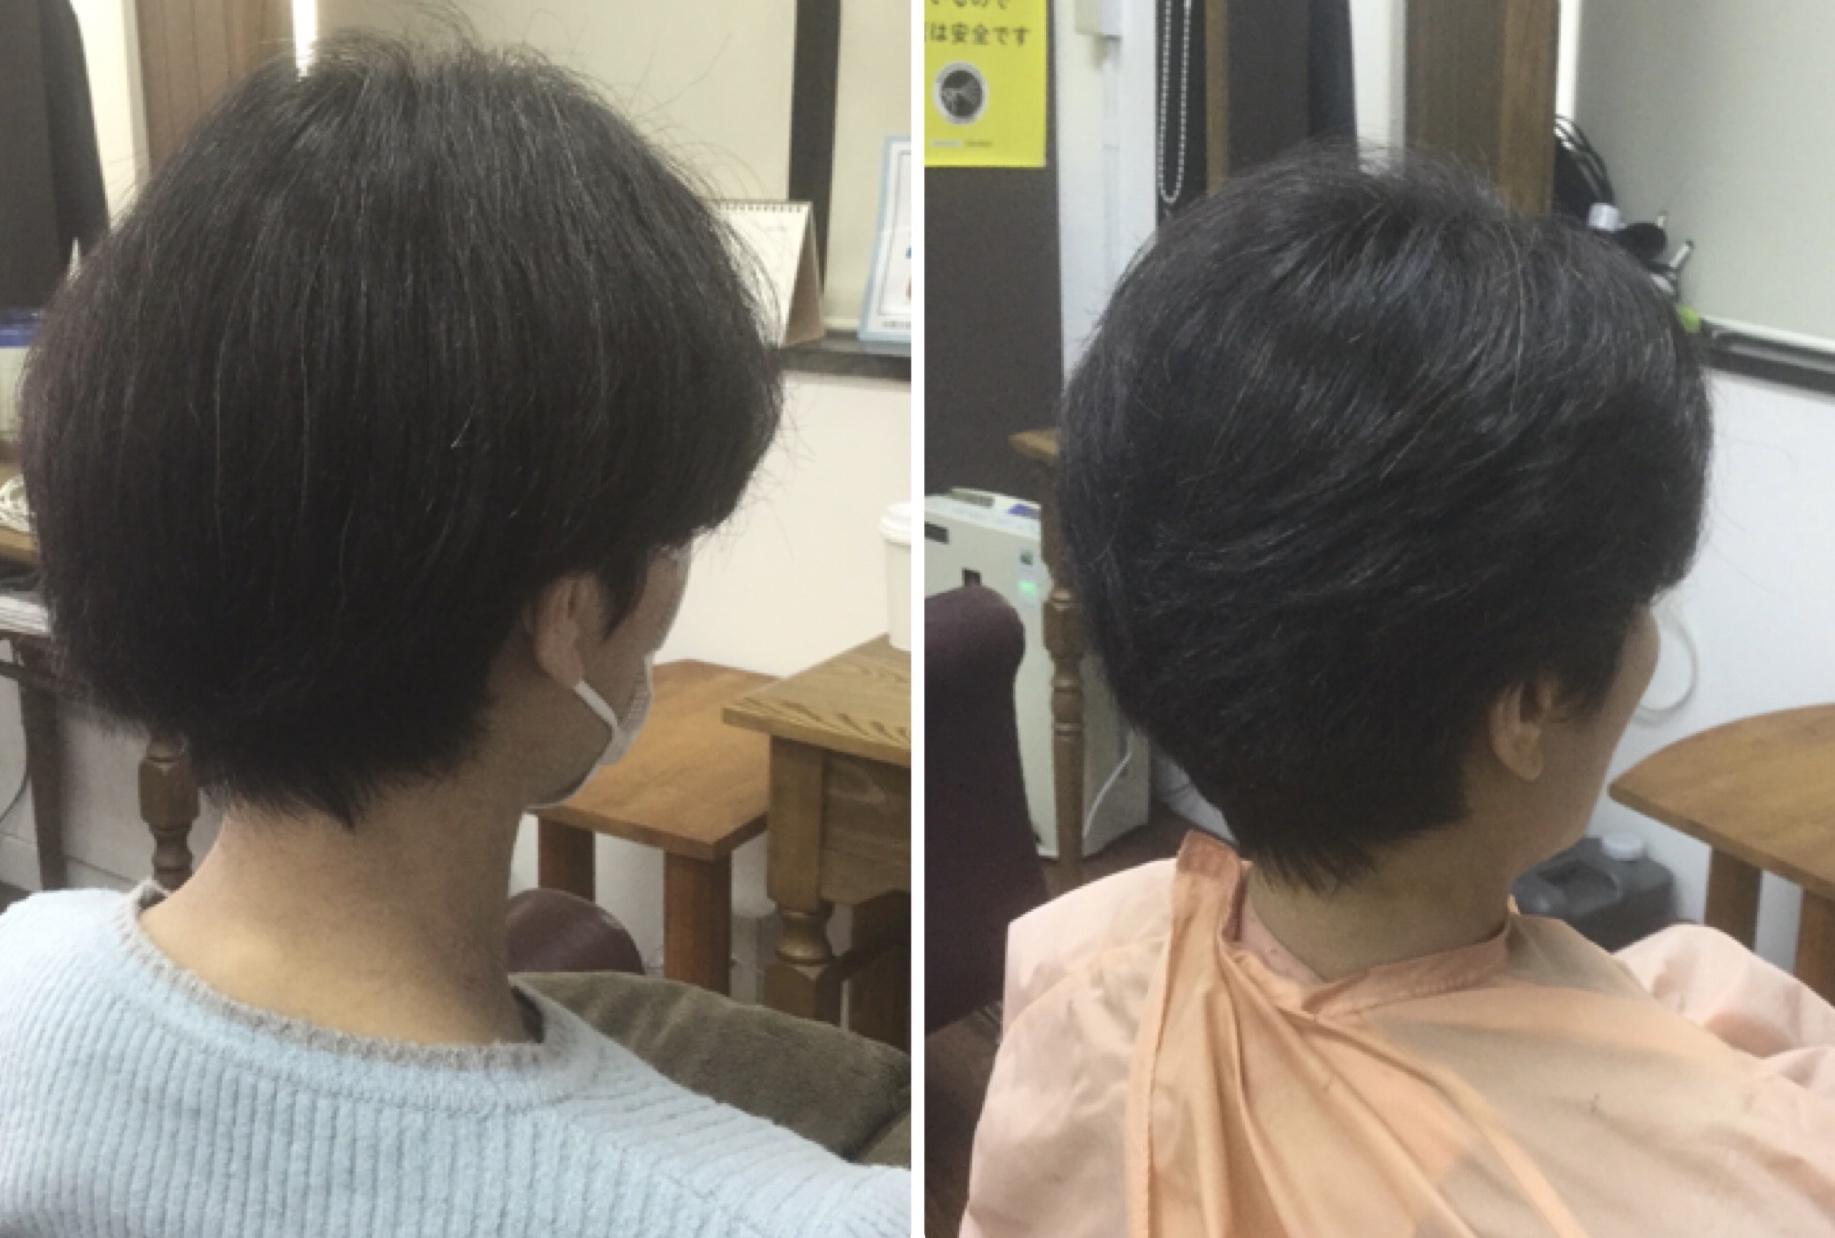 くせ毛多毛に梳かないキュビズムカット®︎が最適っ!神戸摂津本山美容室アバディ